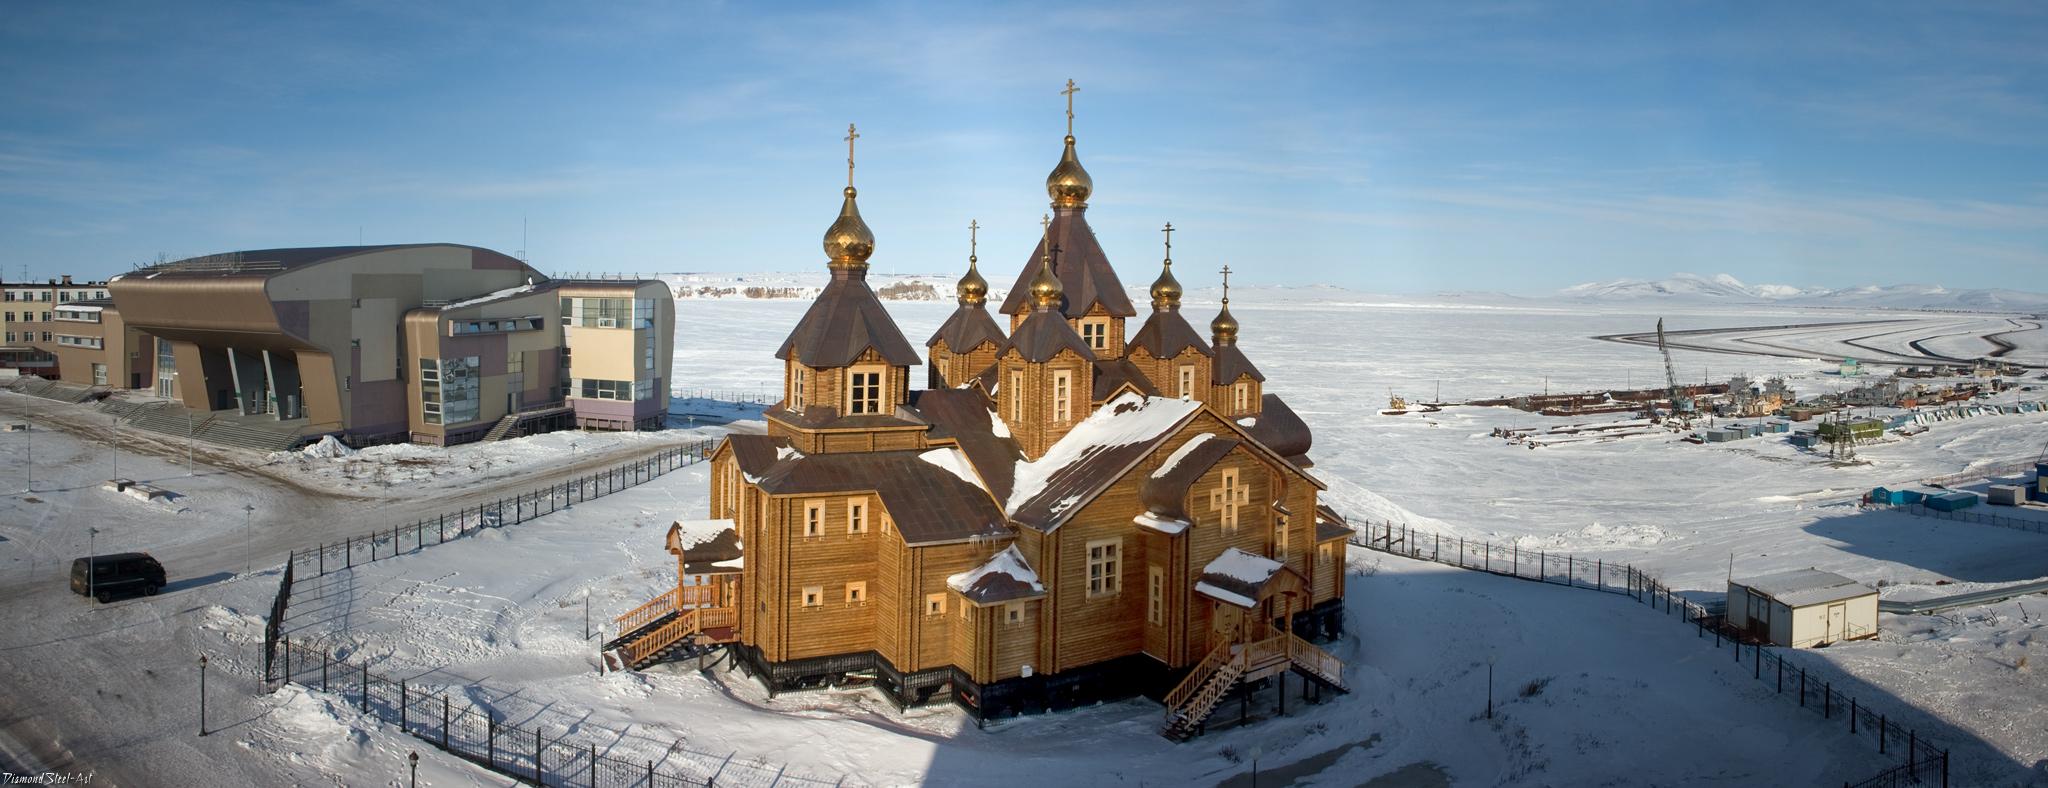 Анадырь. Кафедральный собор Святой Живоначальной Троицы